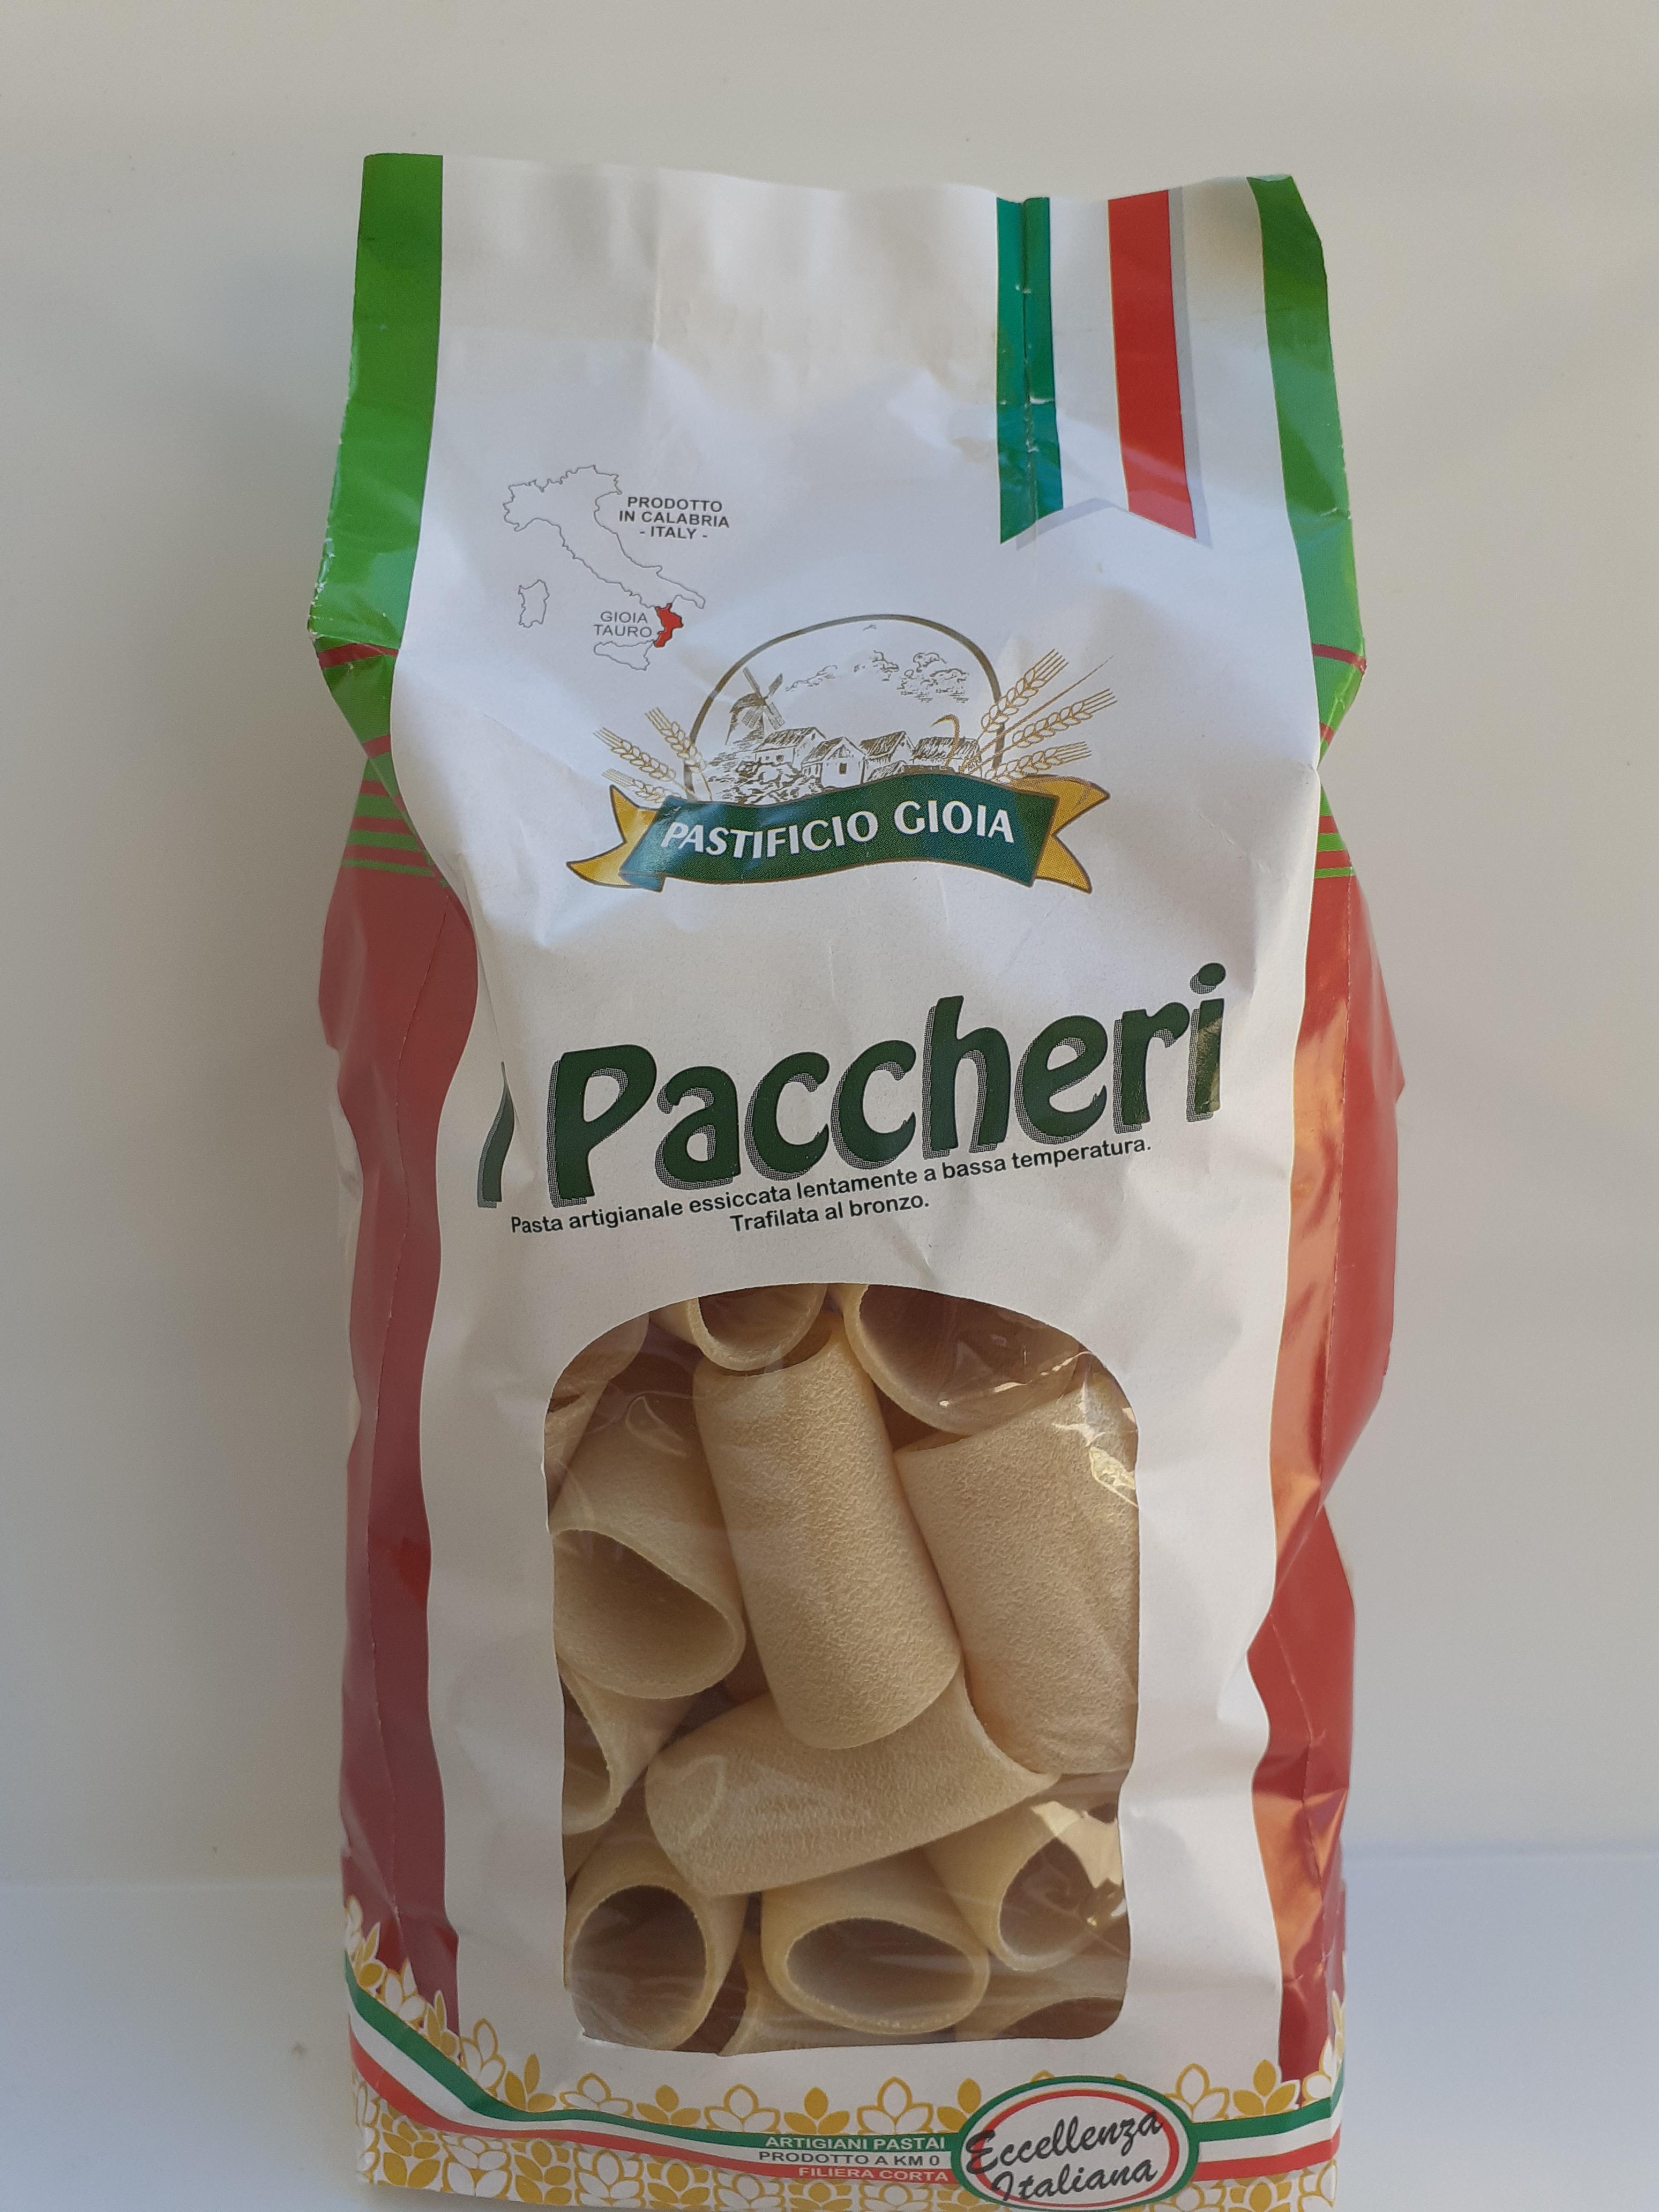 I Paccheri 500g. Pasta Artigianale essiccata lentamente a bassa temperatura del Pastificio Gioia Gioia Tauro (RC)